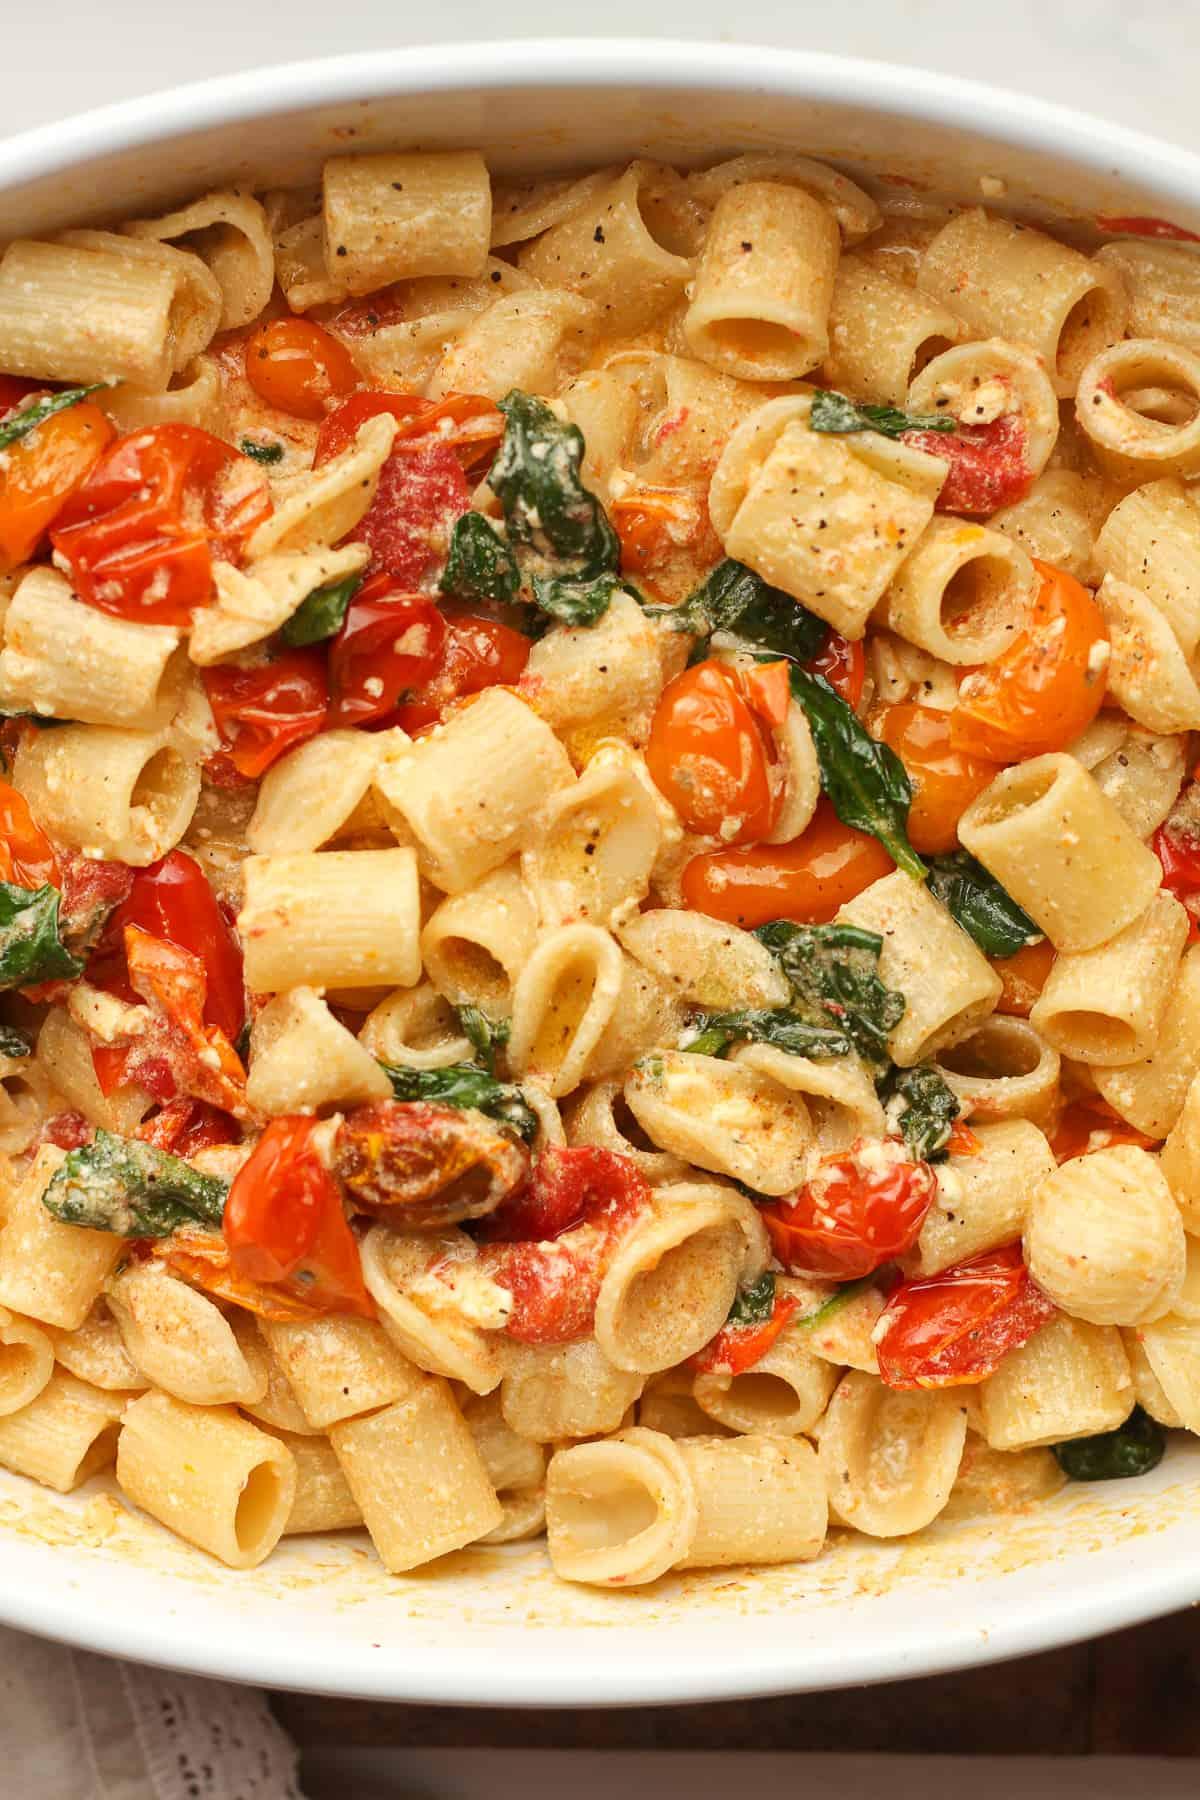 A closeup of the feta pasta.